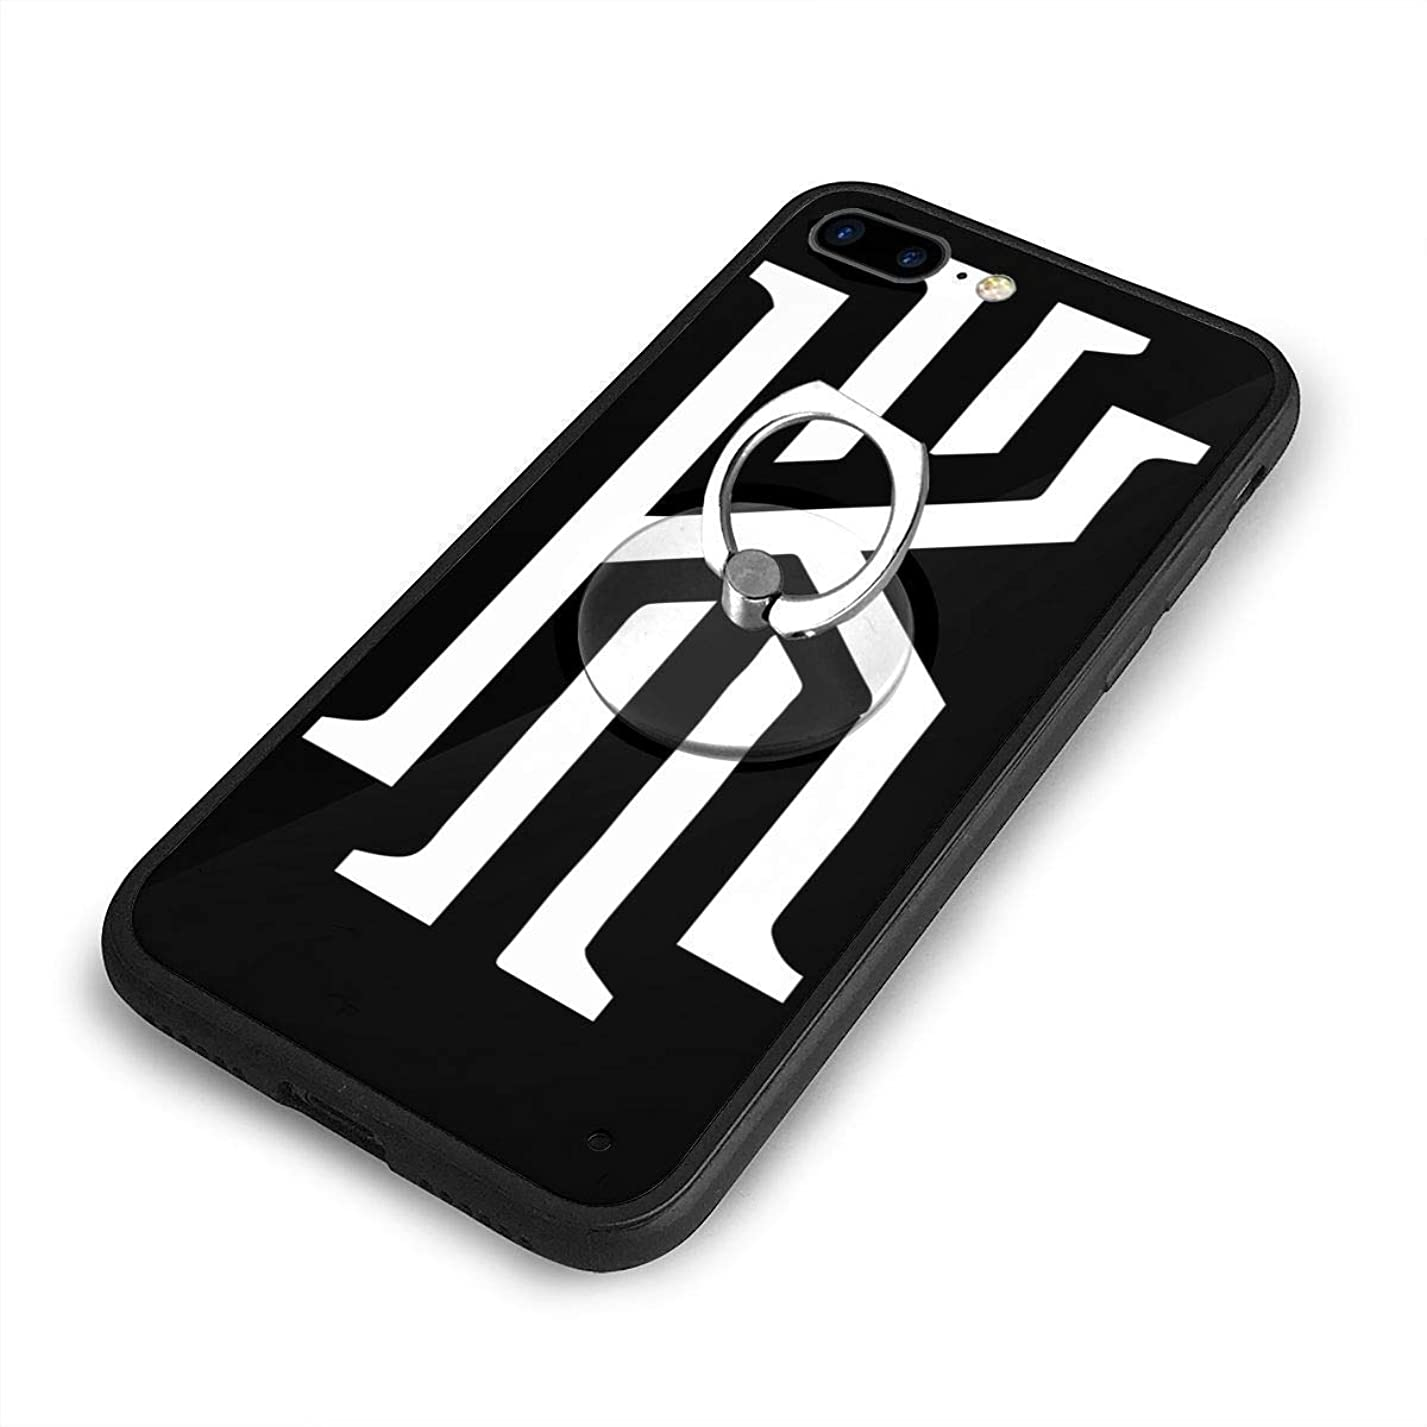 発信島曲がったKyrie Irving カイリー アービングiPhone 7/8 Plusケースリングブラケット 携帯カバー 創意デザイン軽量 傷つけ防止 360°回転ブラケット 携帯ケース PC 衝撃防止 全面保護